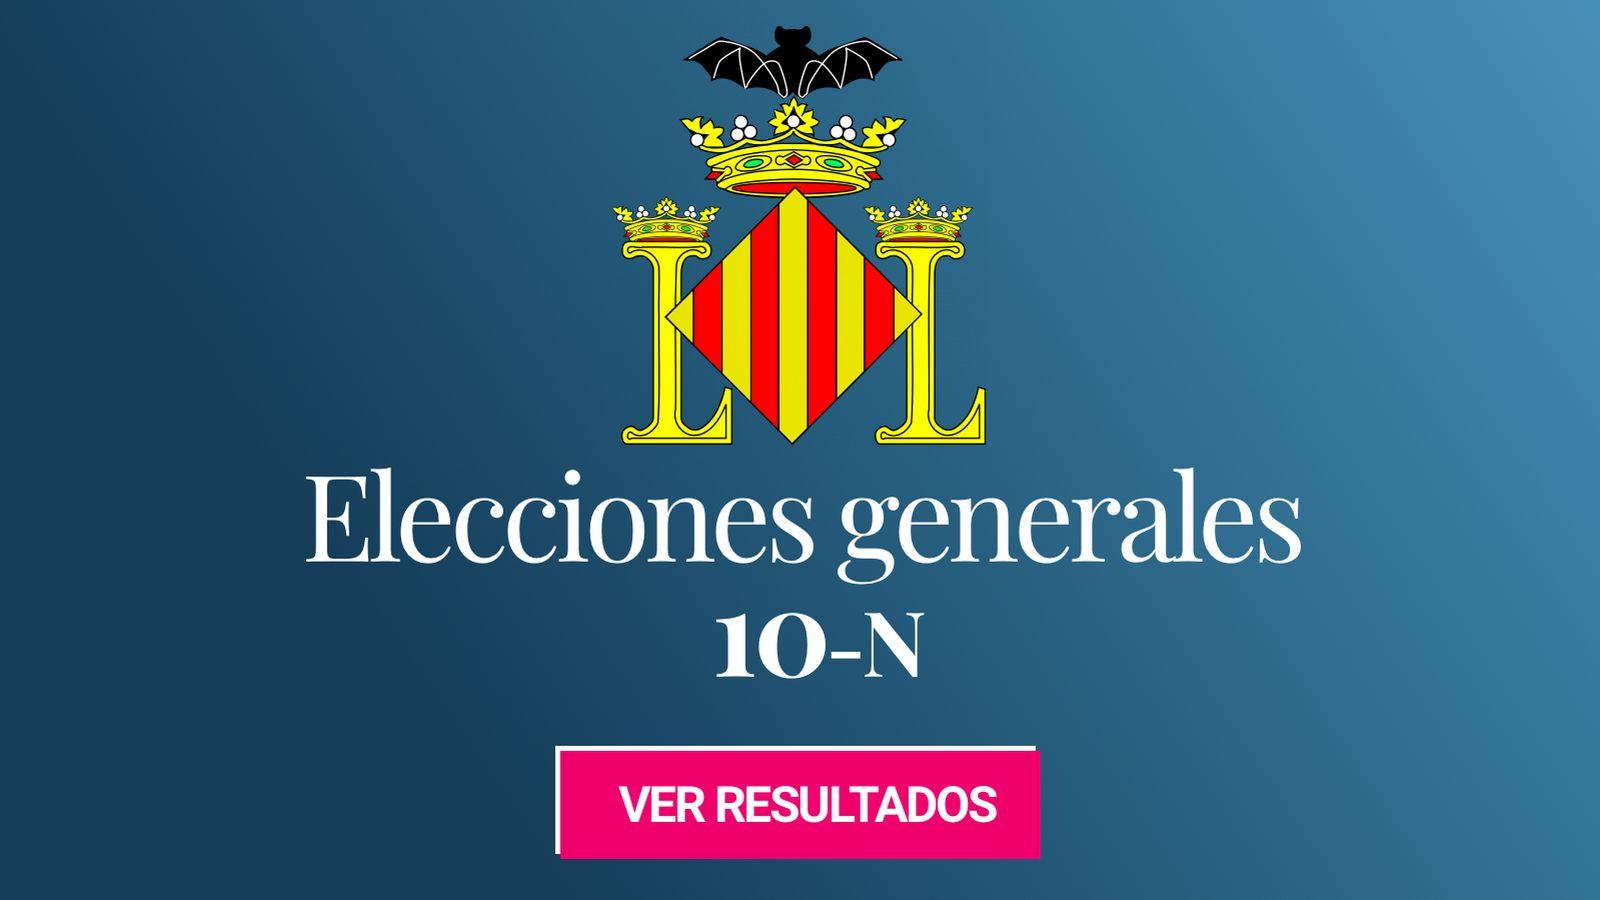 Foto: Elecciones generales 2019 en Valencia. (C.C./EC)